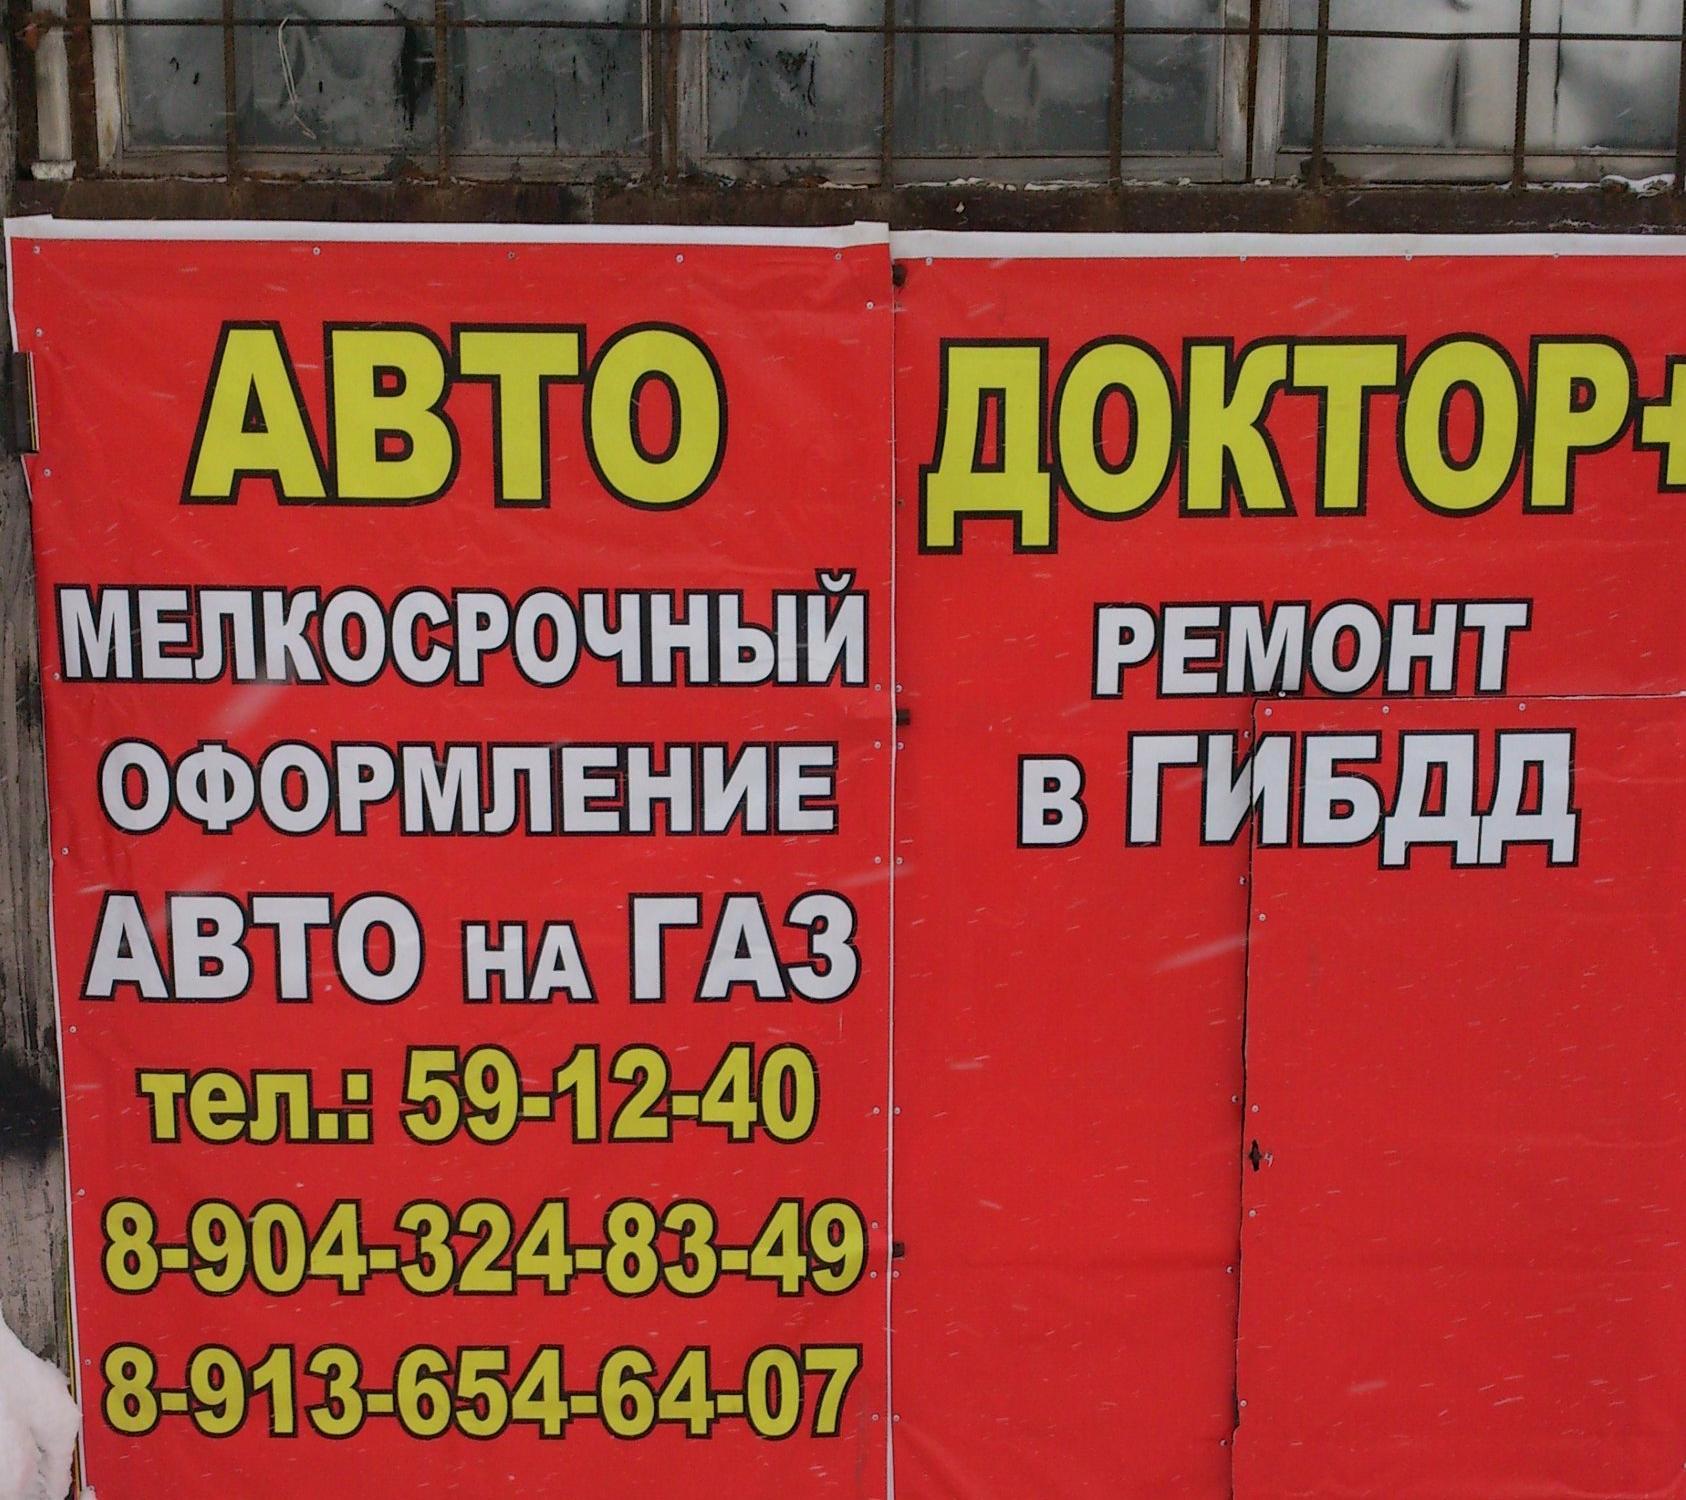 фотография СТО АвтоДоктор+